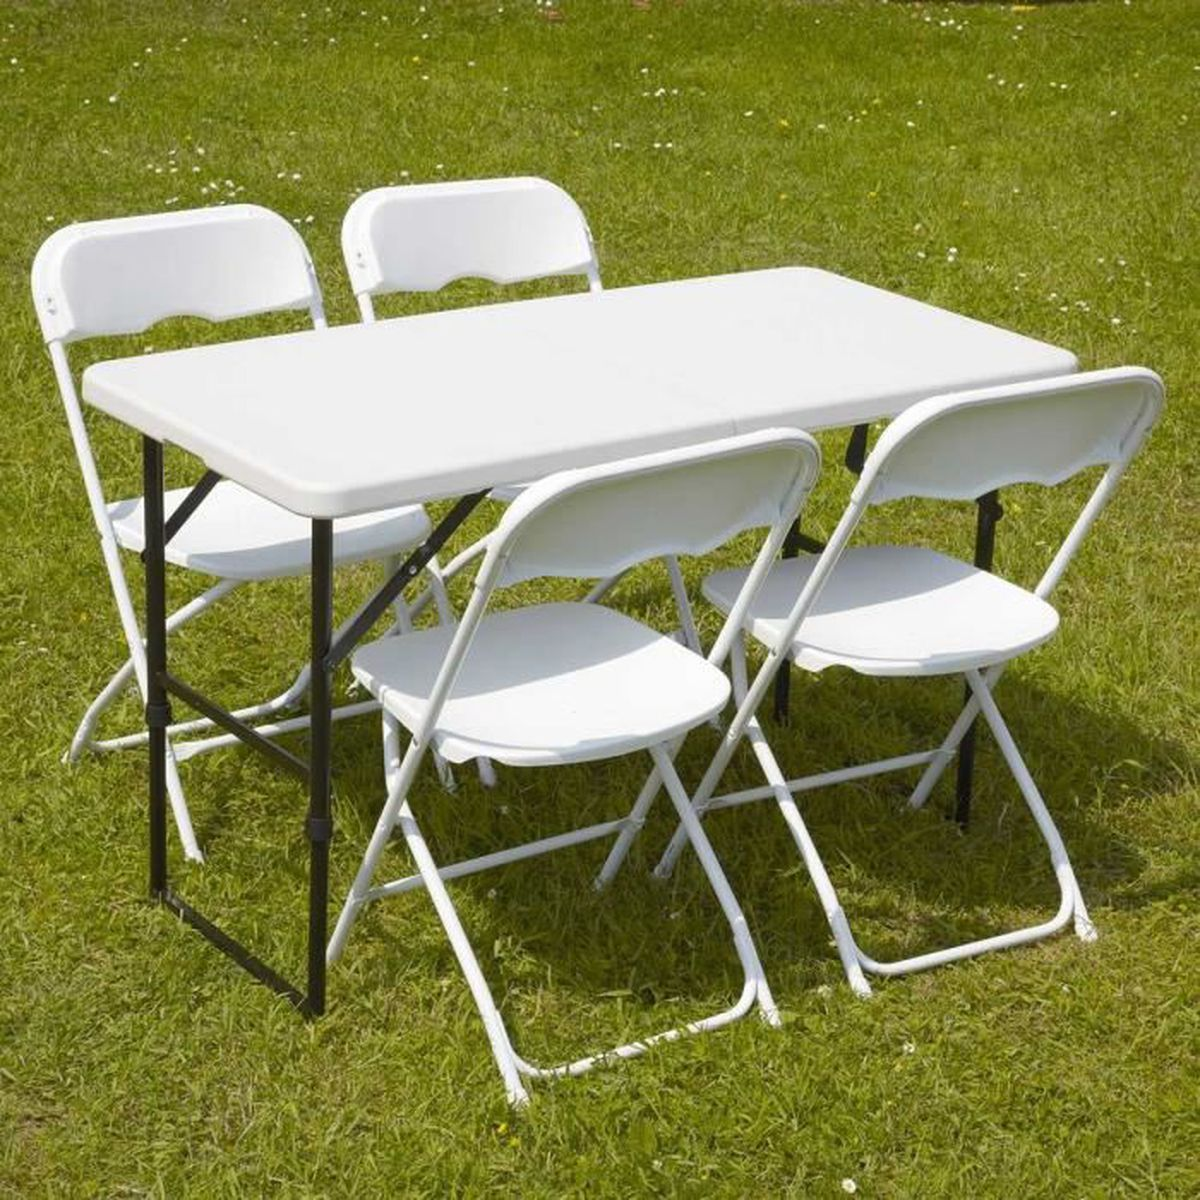 Table Pliantes Vente 4 Chaises D'appoint Et Salon Pliable Achat dBWCrxoe